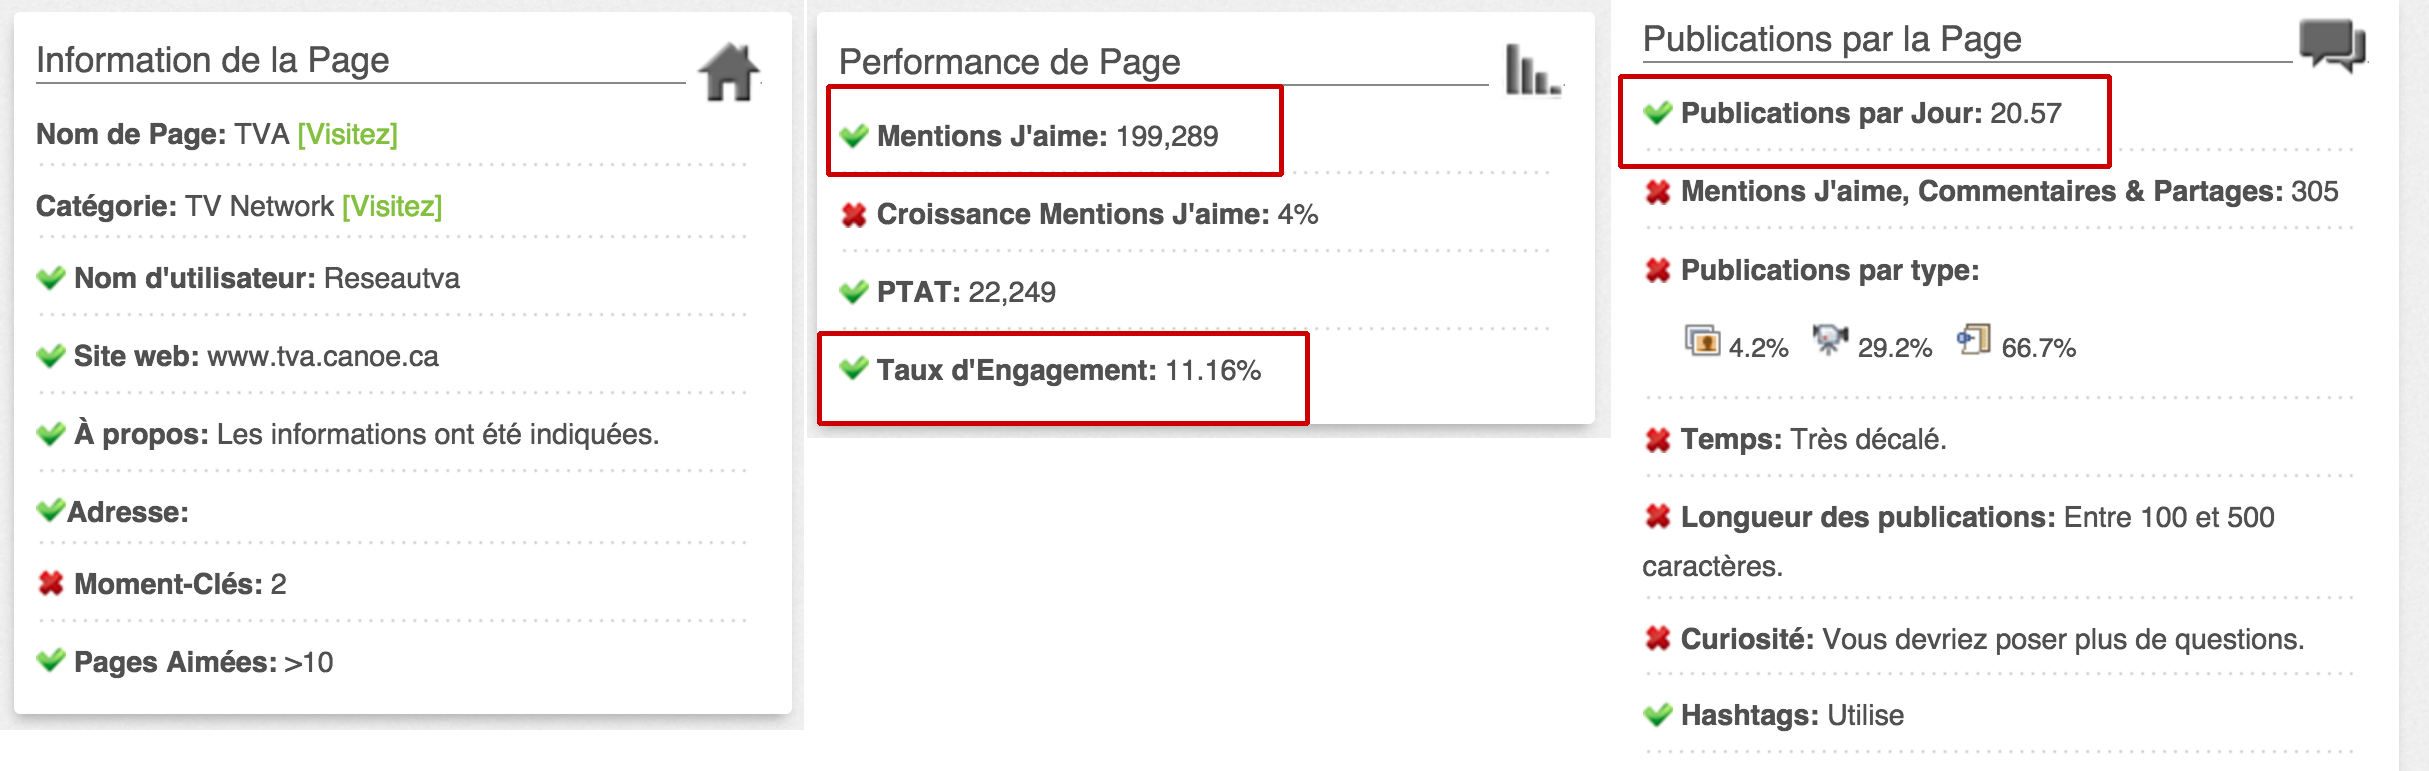 nb abonnes publications engagement